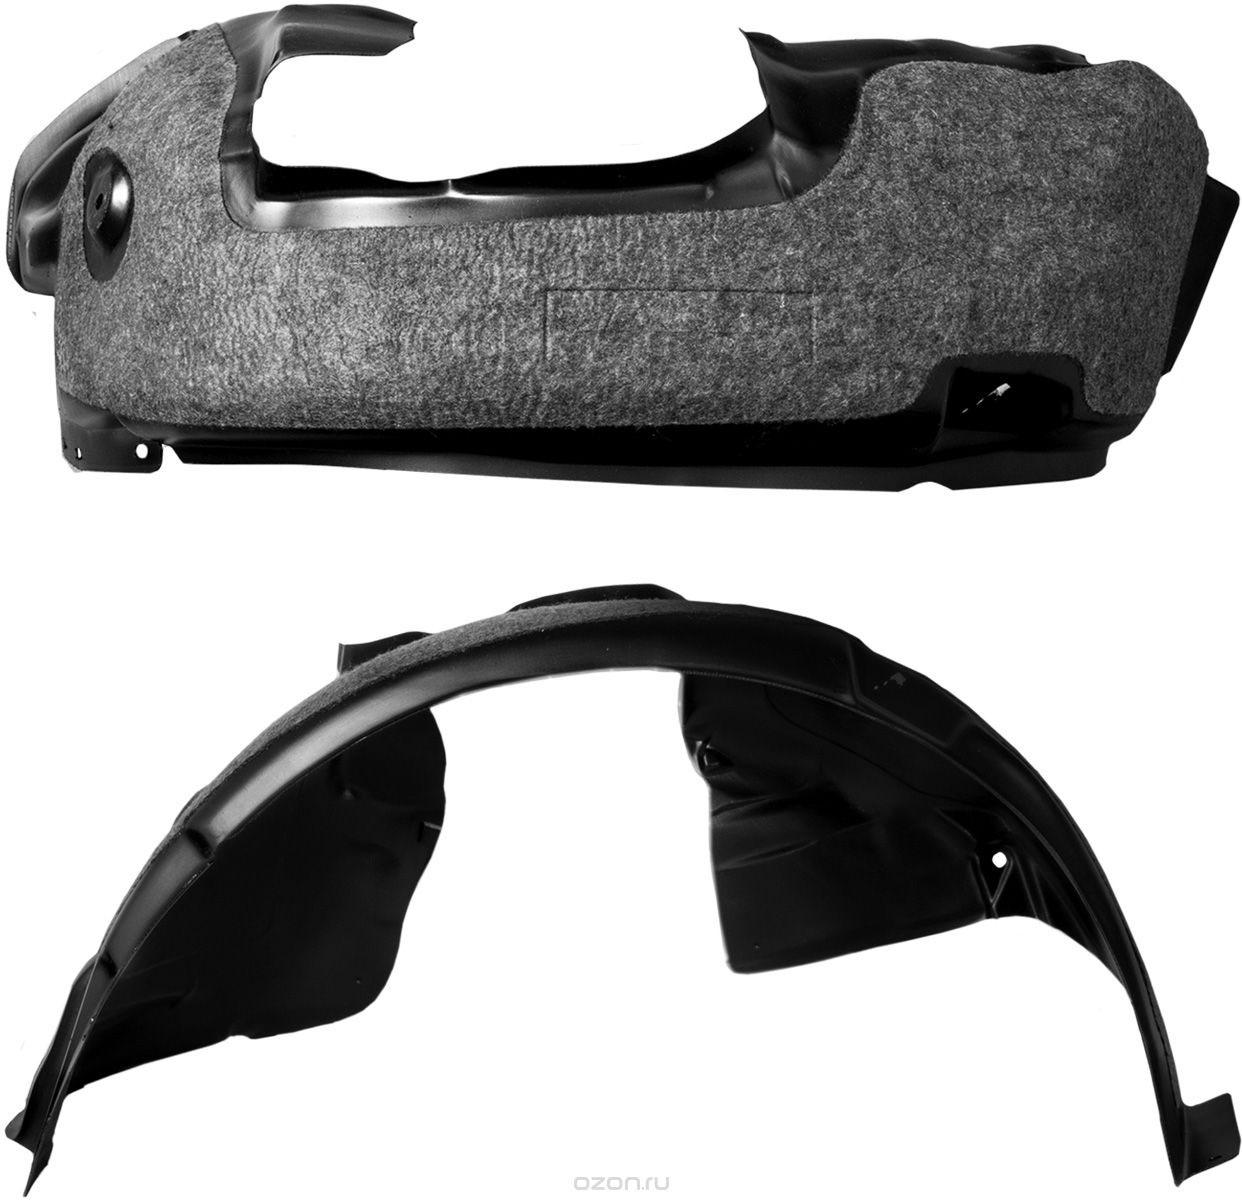 Подкрылок Novline-Autofamily с шумоизоляцией, для Geely X7, 2013->, передний левыйNLS.75.07.001Идеальная защита колесной ниши. Локеры разработаны с применением цифровых технологий, гарантируют максимальную повторяемость поверхности арки. Изделия устанавливаются без нарушения лакокрасочного покрытия автомобиля, каждый подкрылок комплектуется крепежом. Уважаемые клиенты, обращаем ваше внимание, что фотографии на подкрылки универсальные и не отражают реальную форму изделия. При этом само изделие идет точно под размер указанного автомобиля.